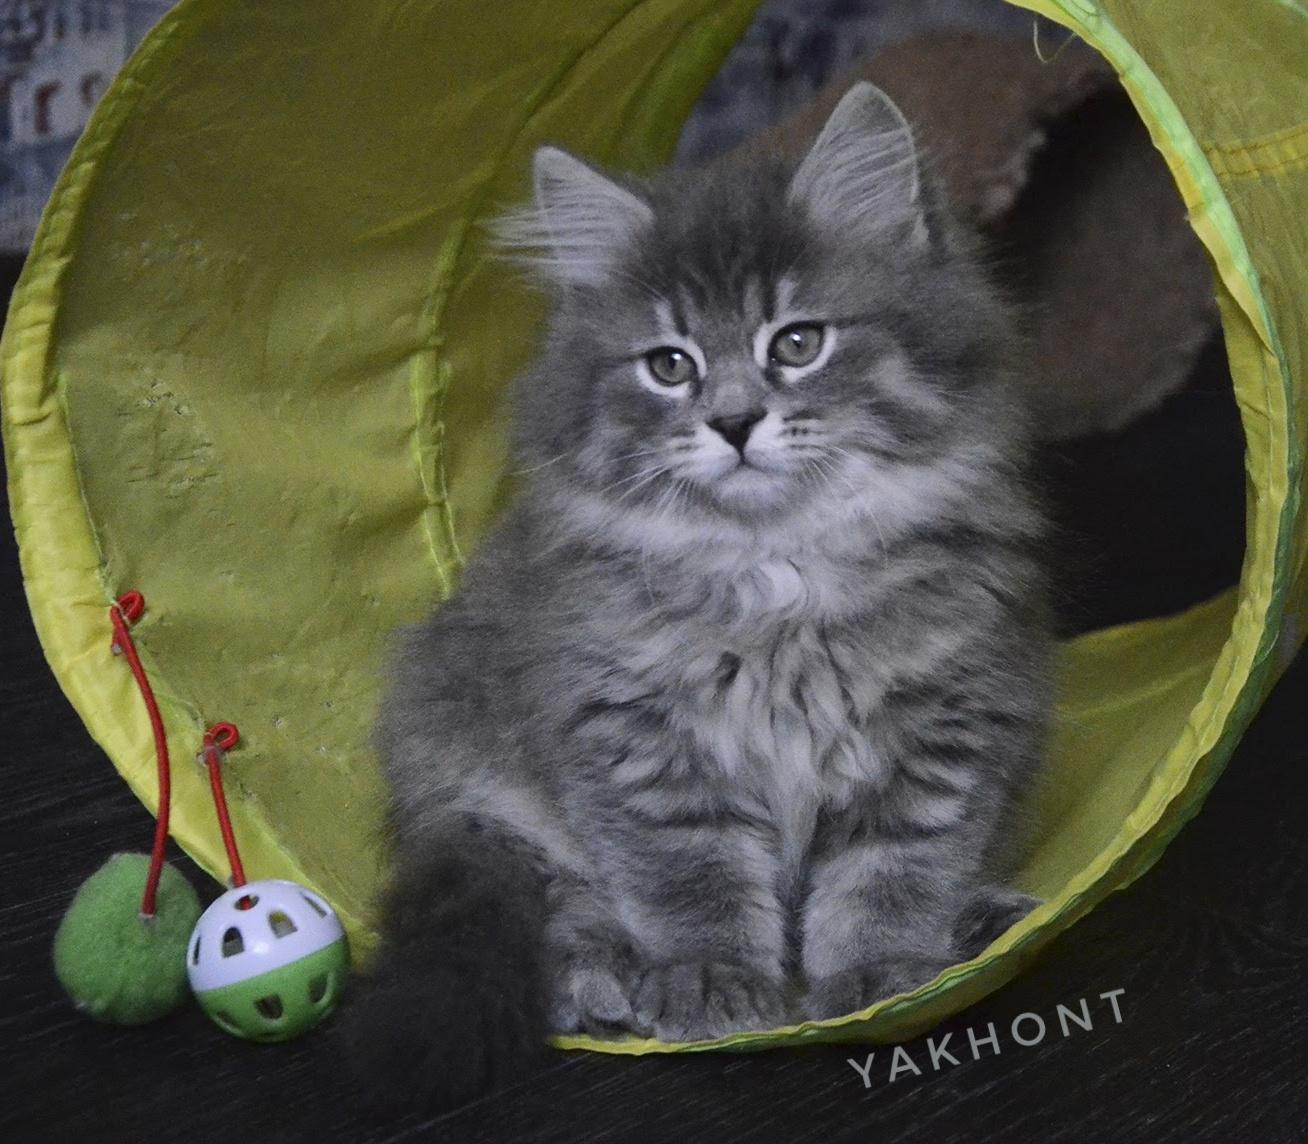 Yakhont